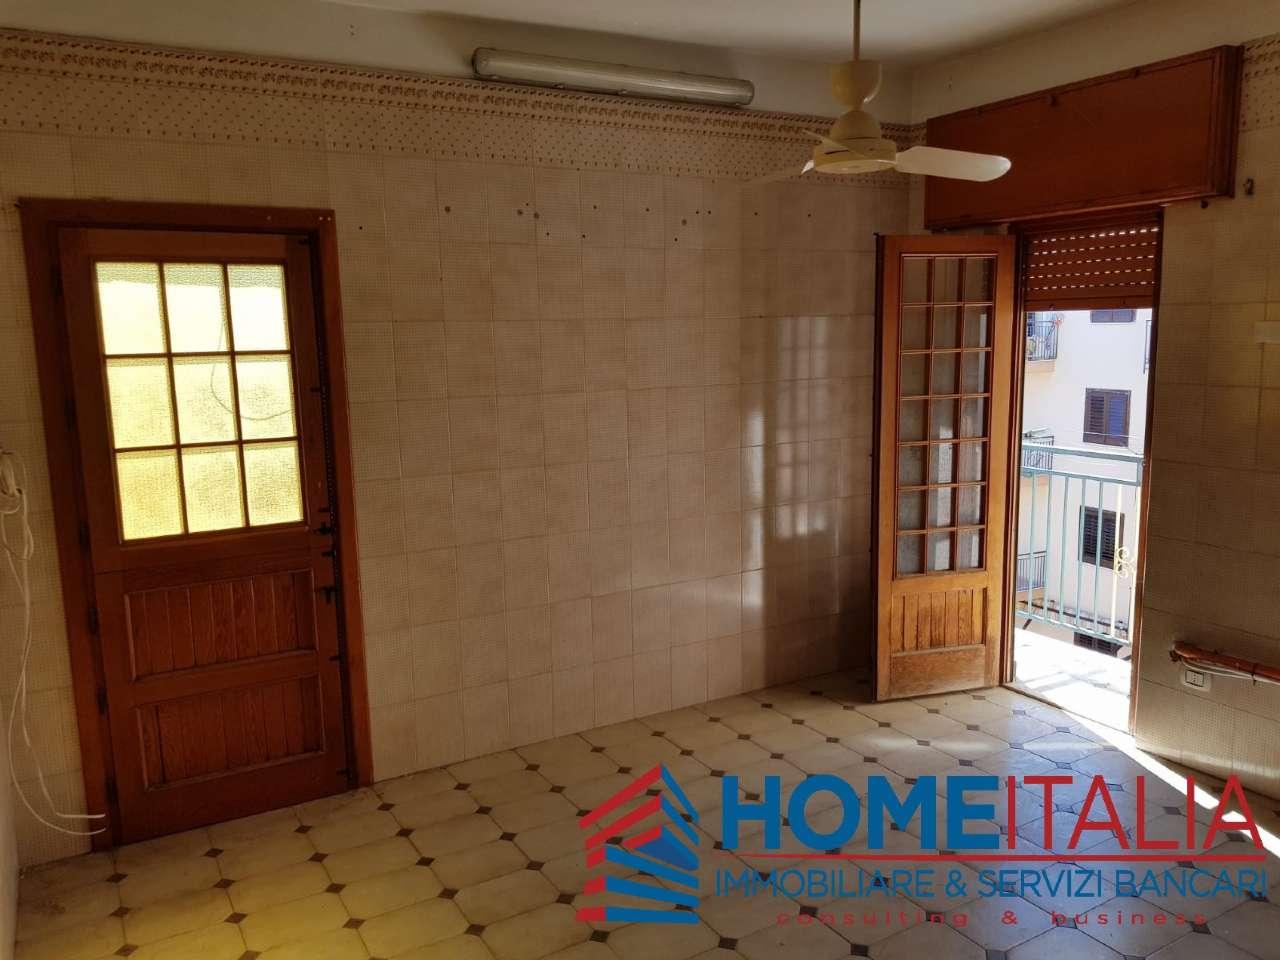 Appartamento in vendita a Ficarazzi, 8 locali, prezzo € 70.000   PortaleAgenzieImmobiliari.it